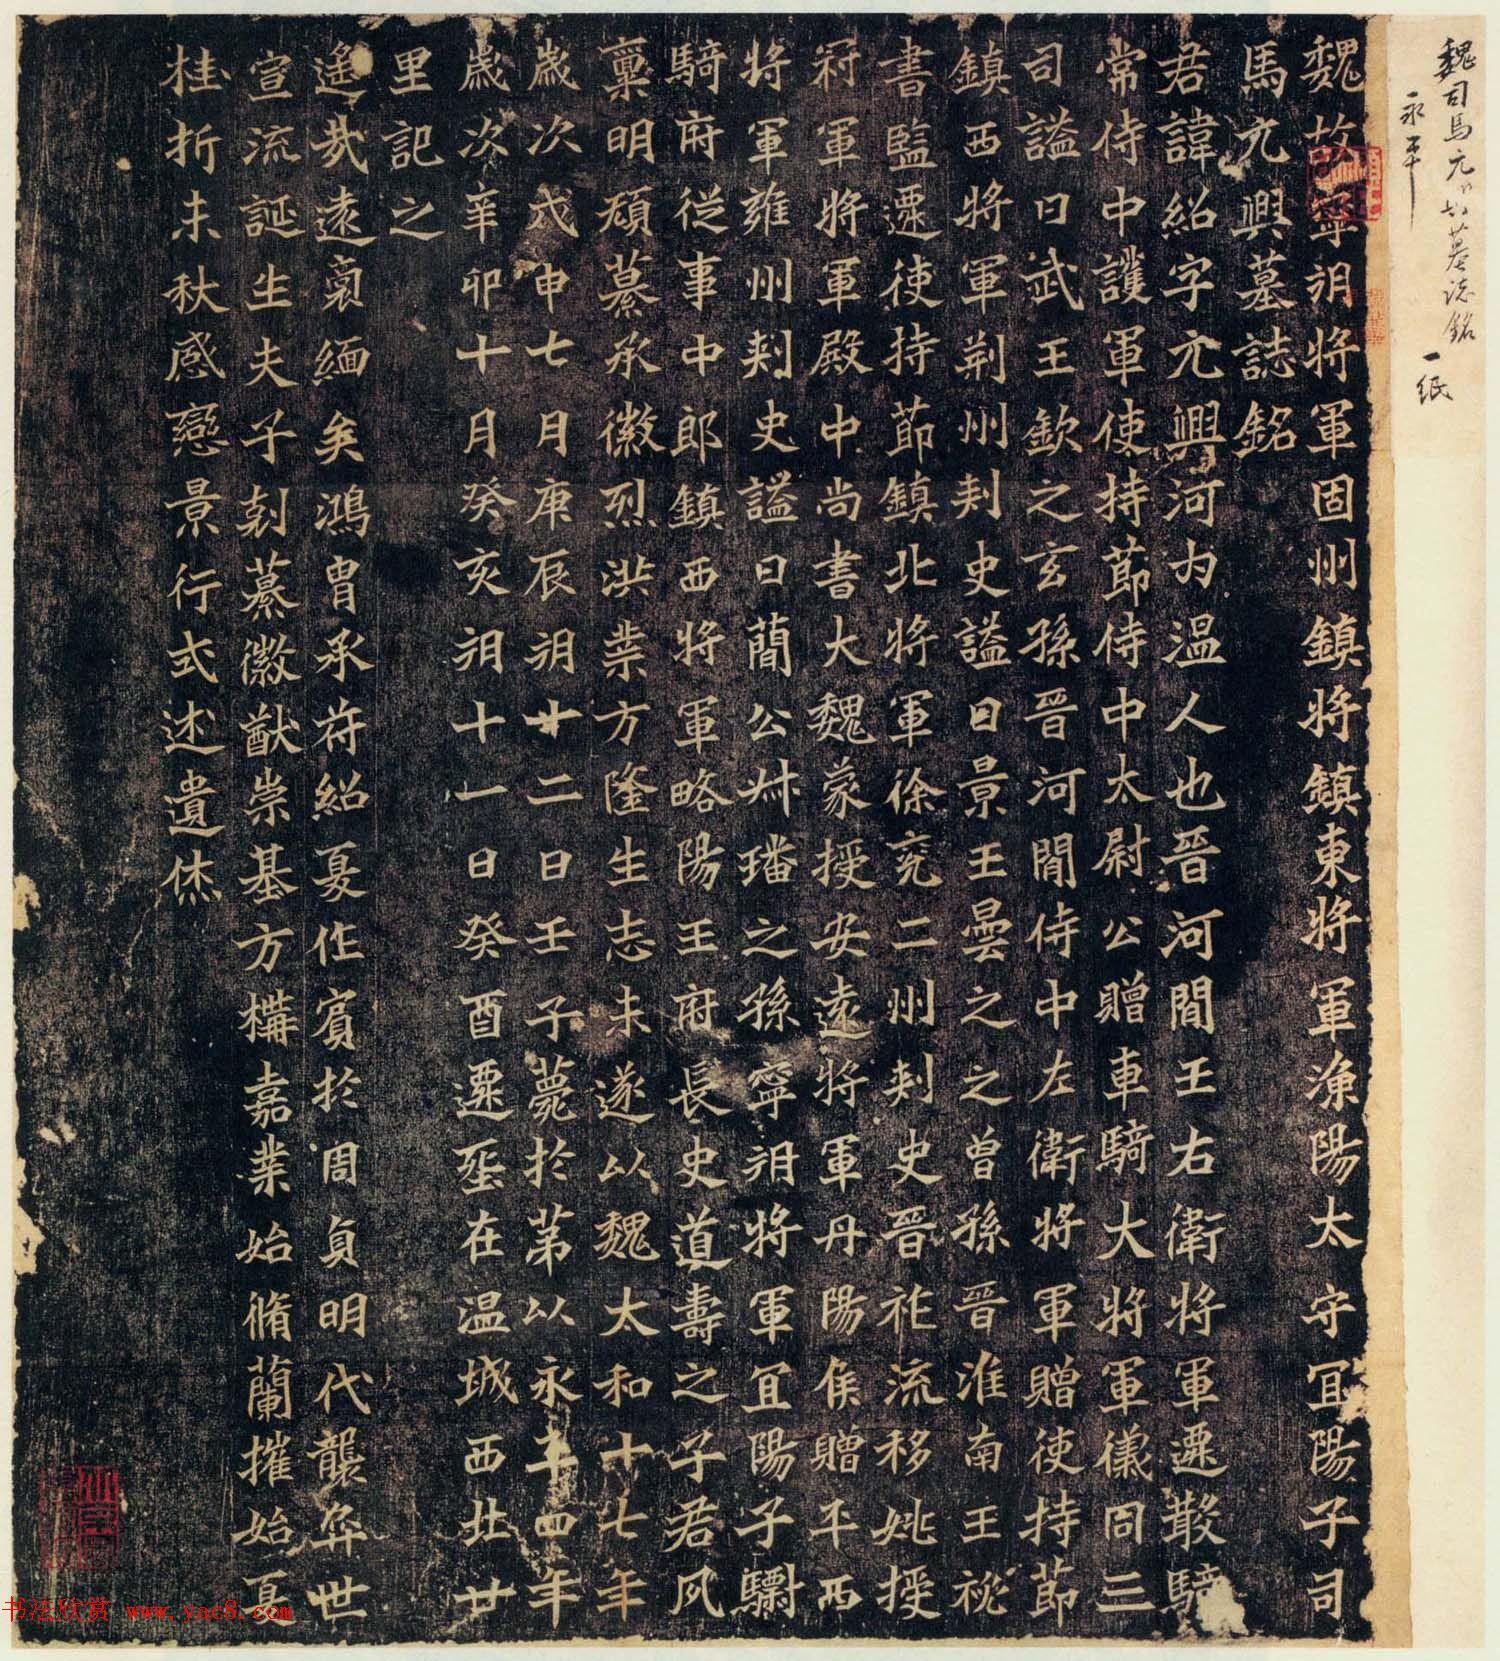 北魏书法石刻精品《司马绍墓志》高清拓片